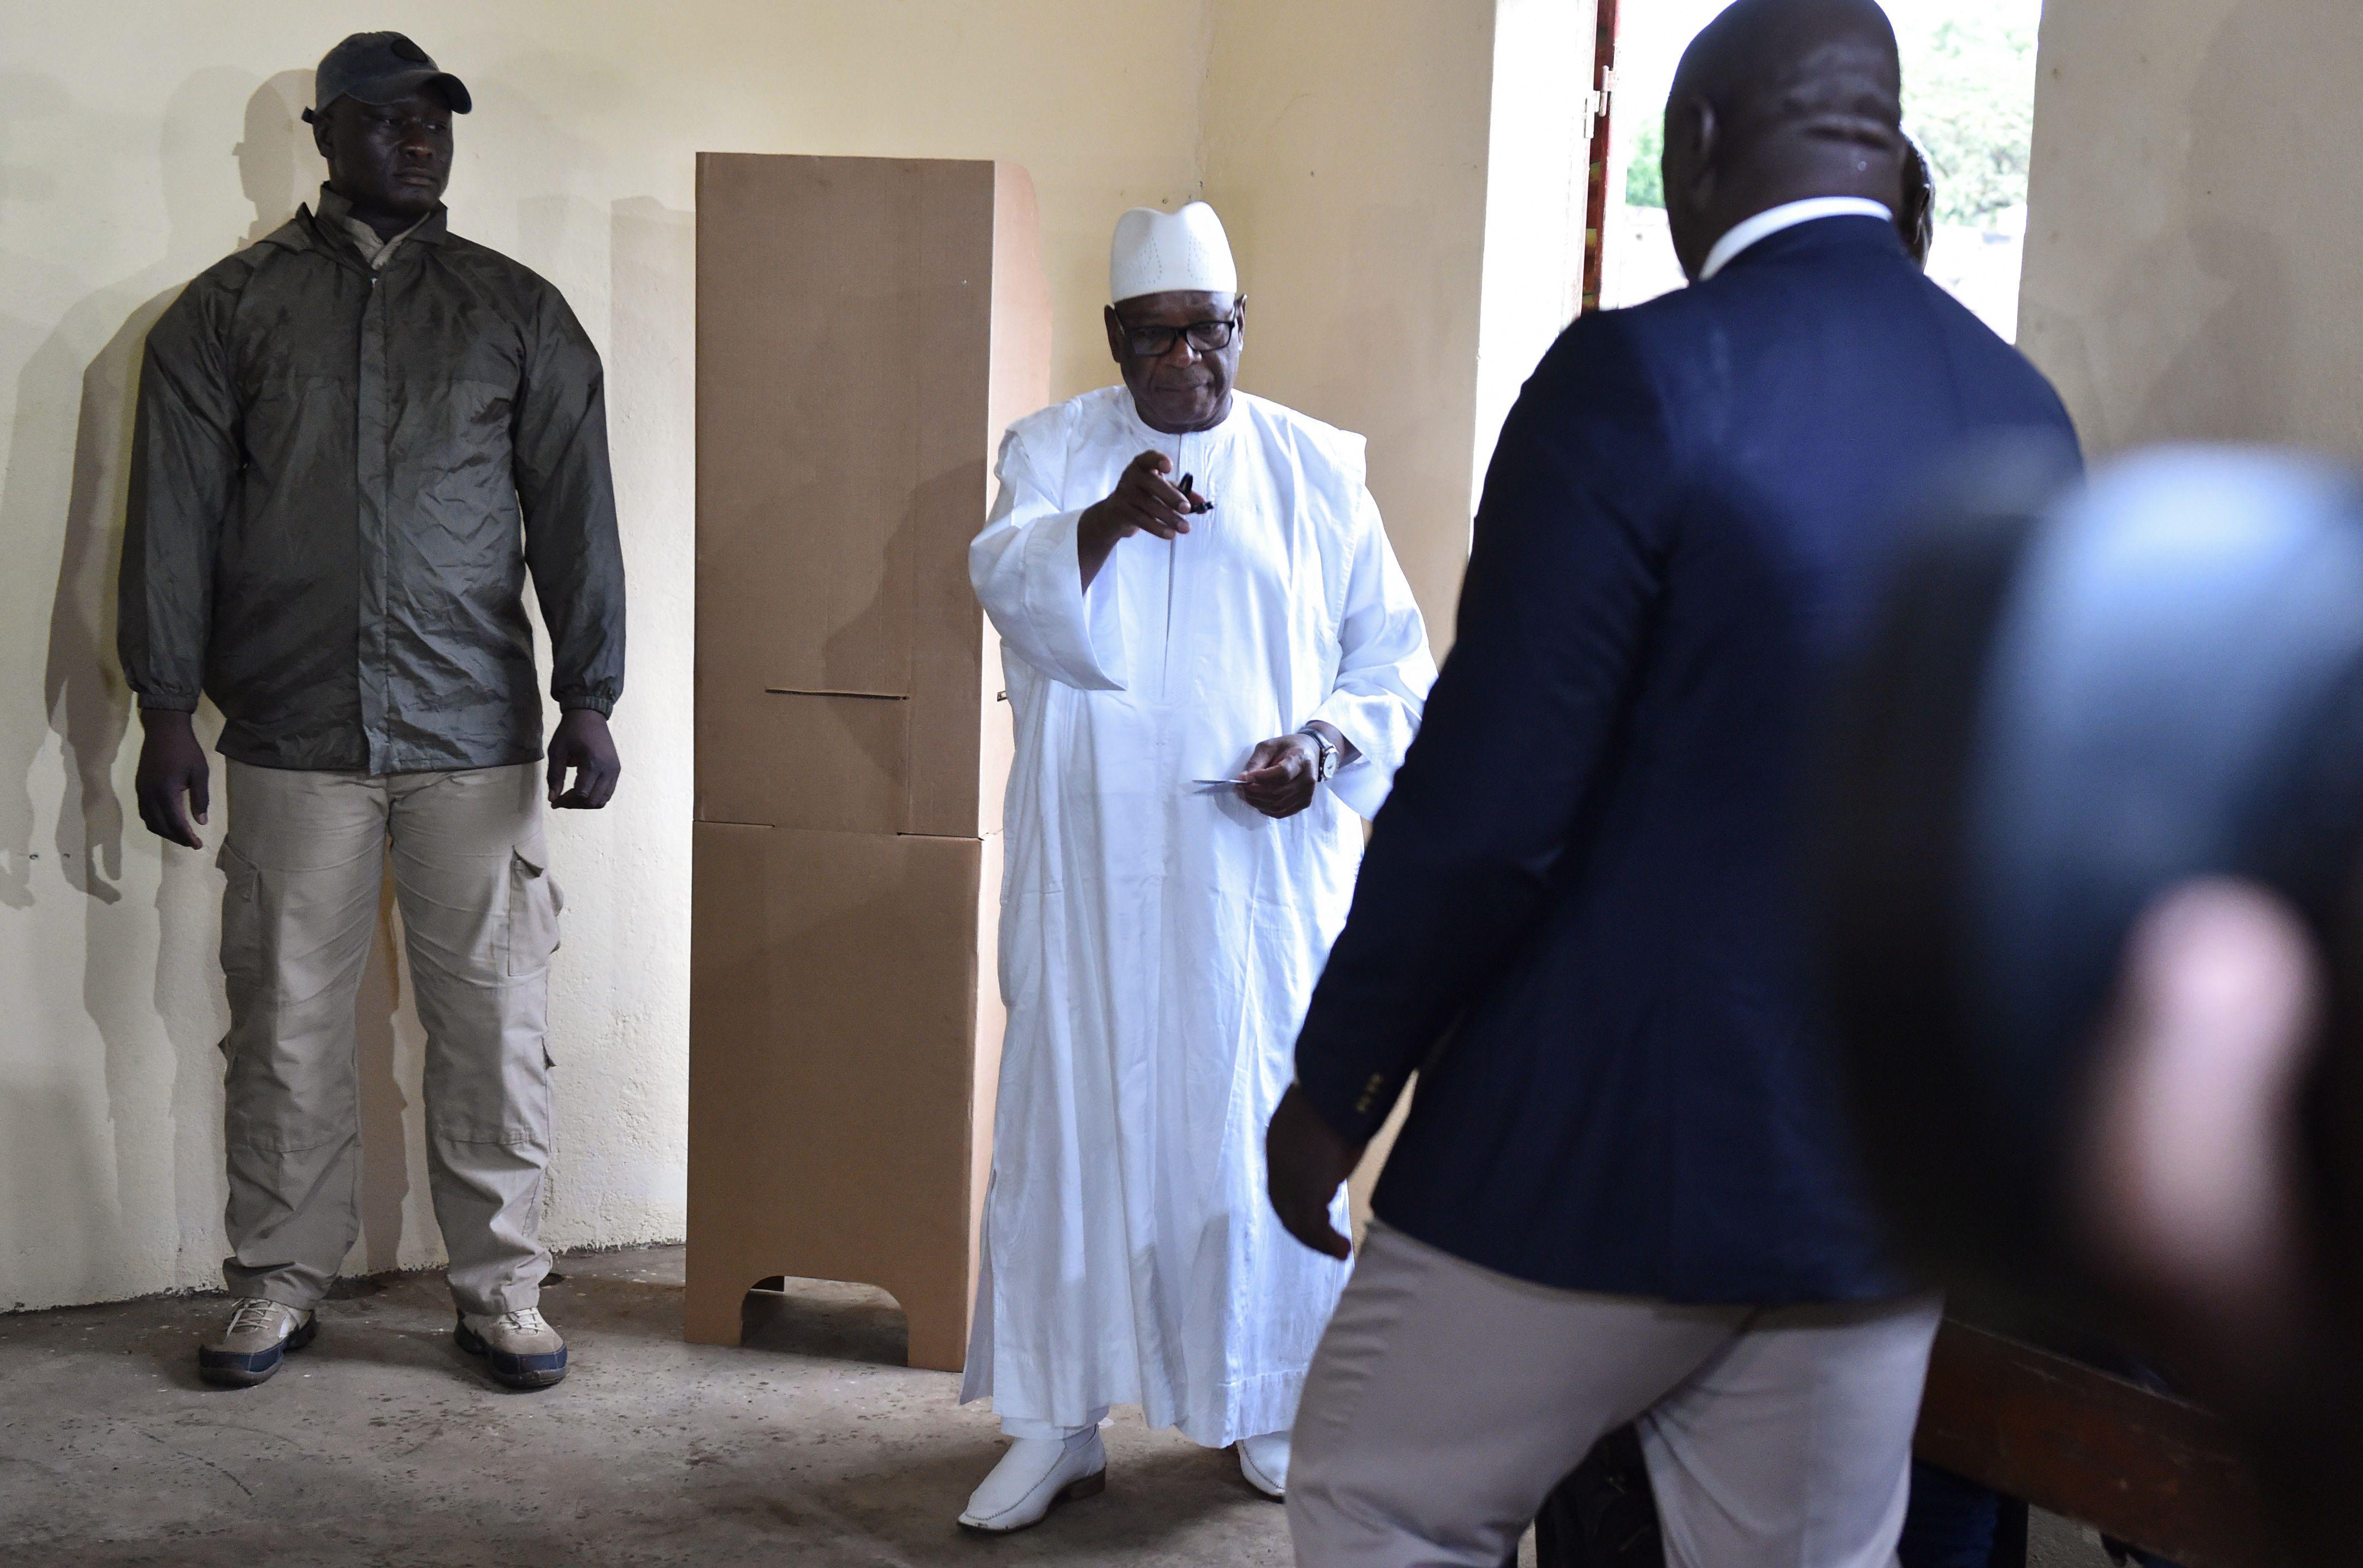 رئيس مالى يتوجه إلى مراكز الاقتراع